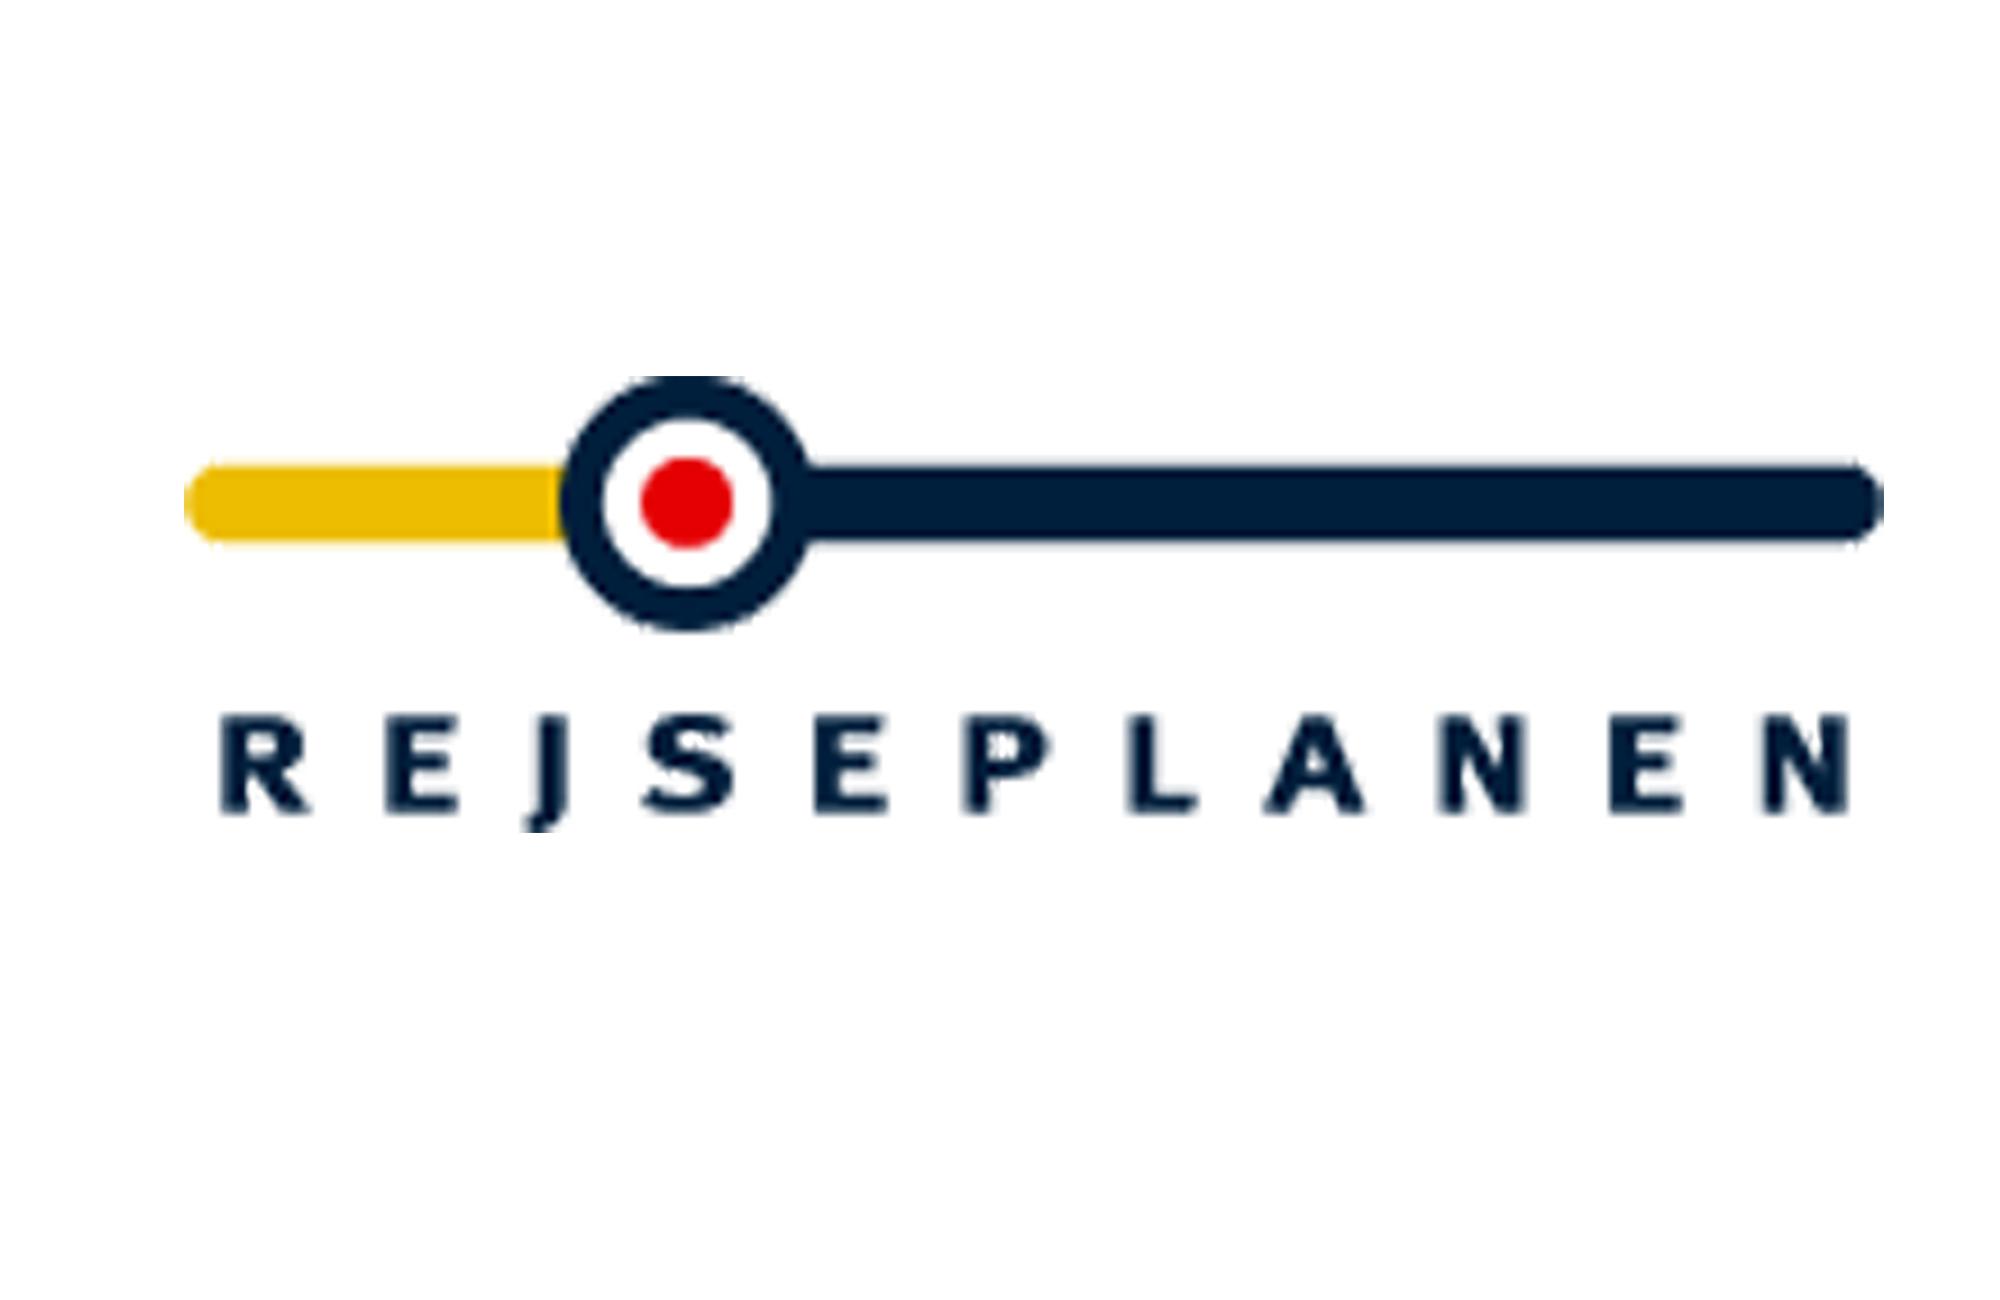 Logo for rejseplanen.dk